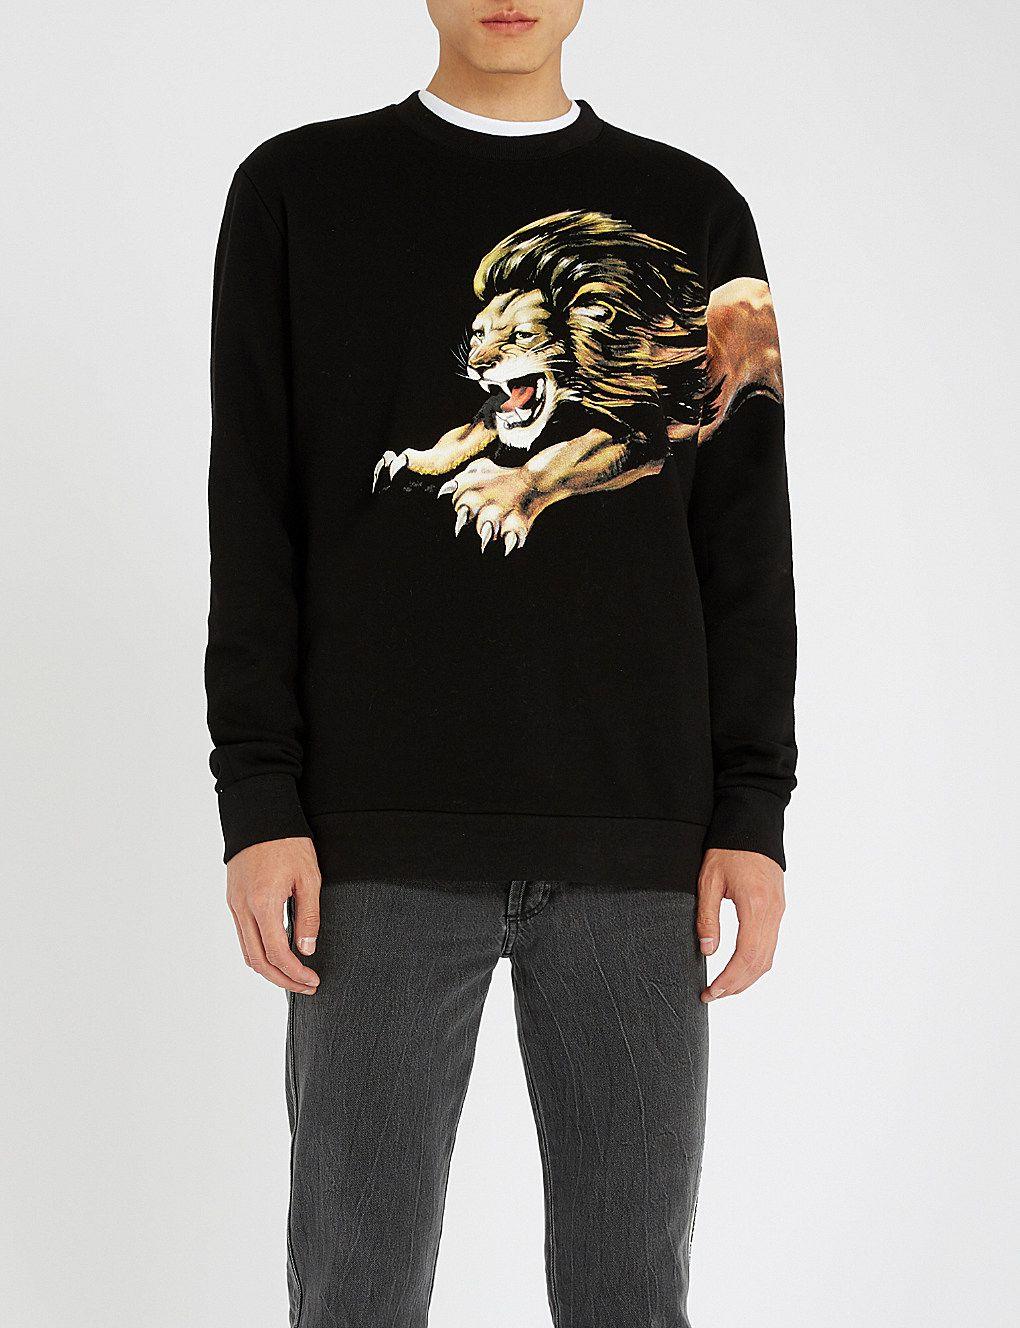 9f8cc571d30 GIVENCHY - Lion-print cotton-jersey sweatshirt | Selfridges.com ...